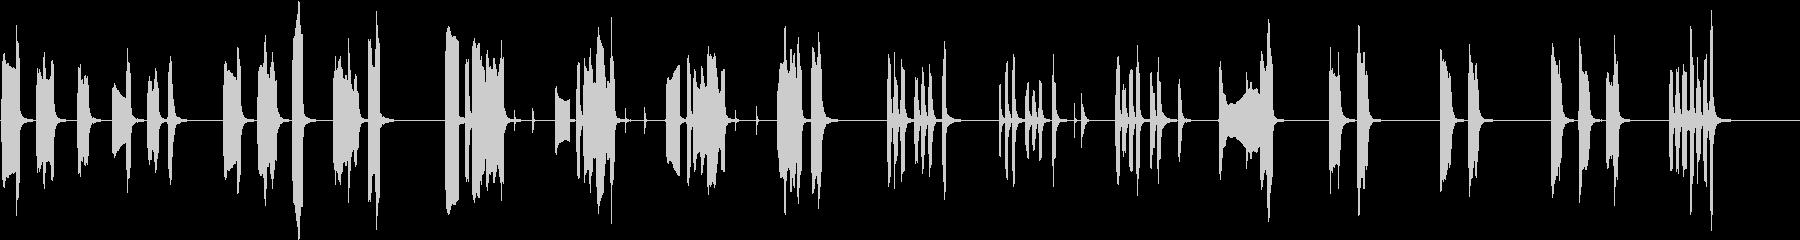 シンプルなゆったりした会話シーンでの劇伴の未再生の波形